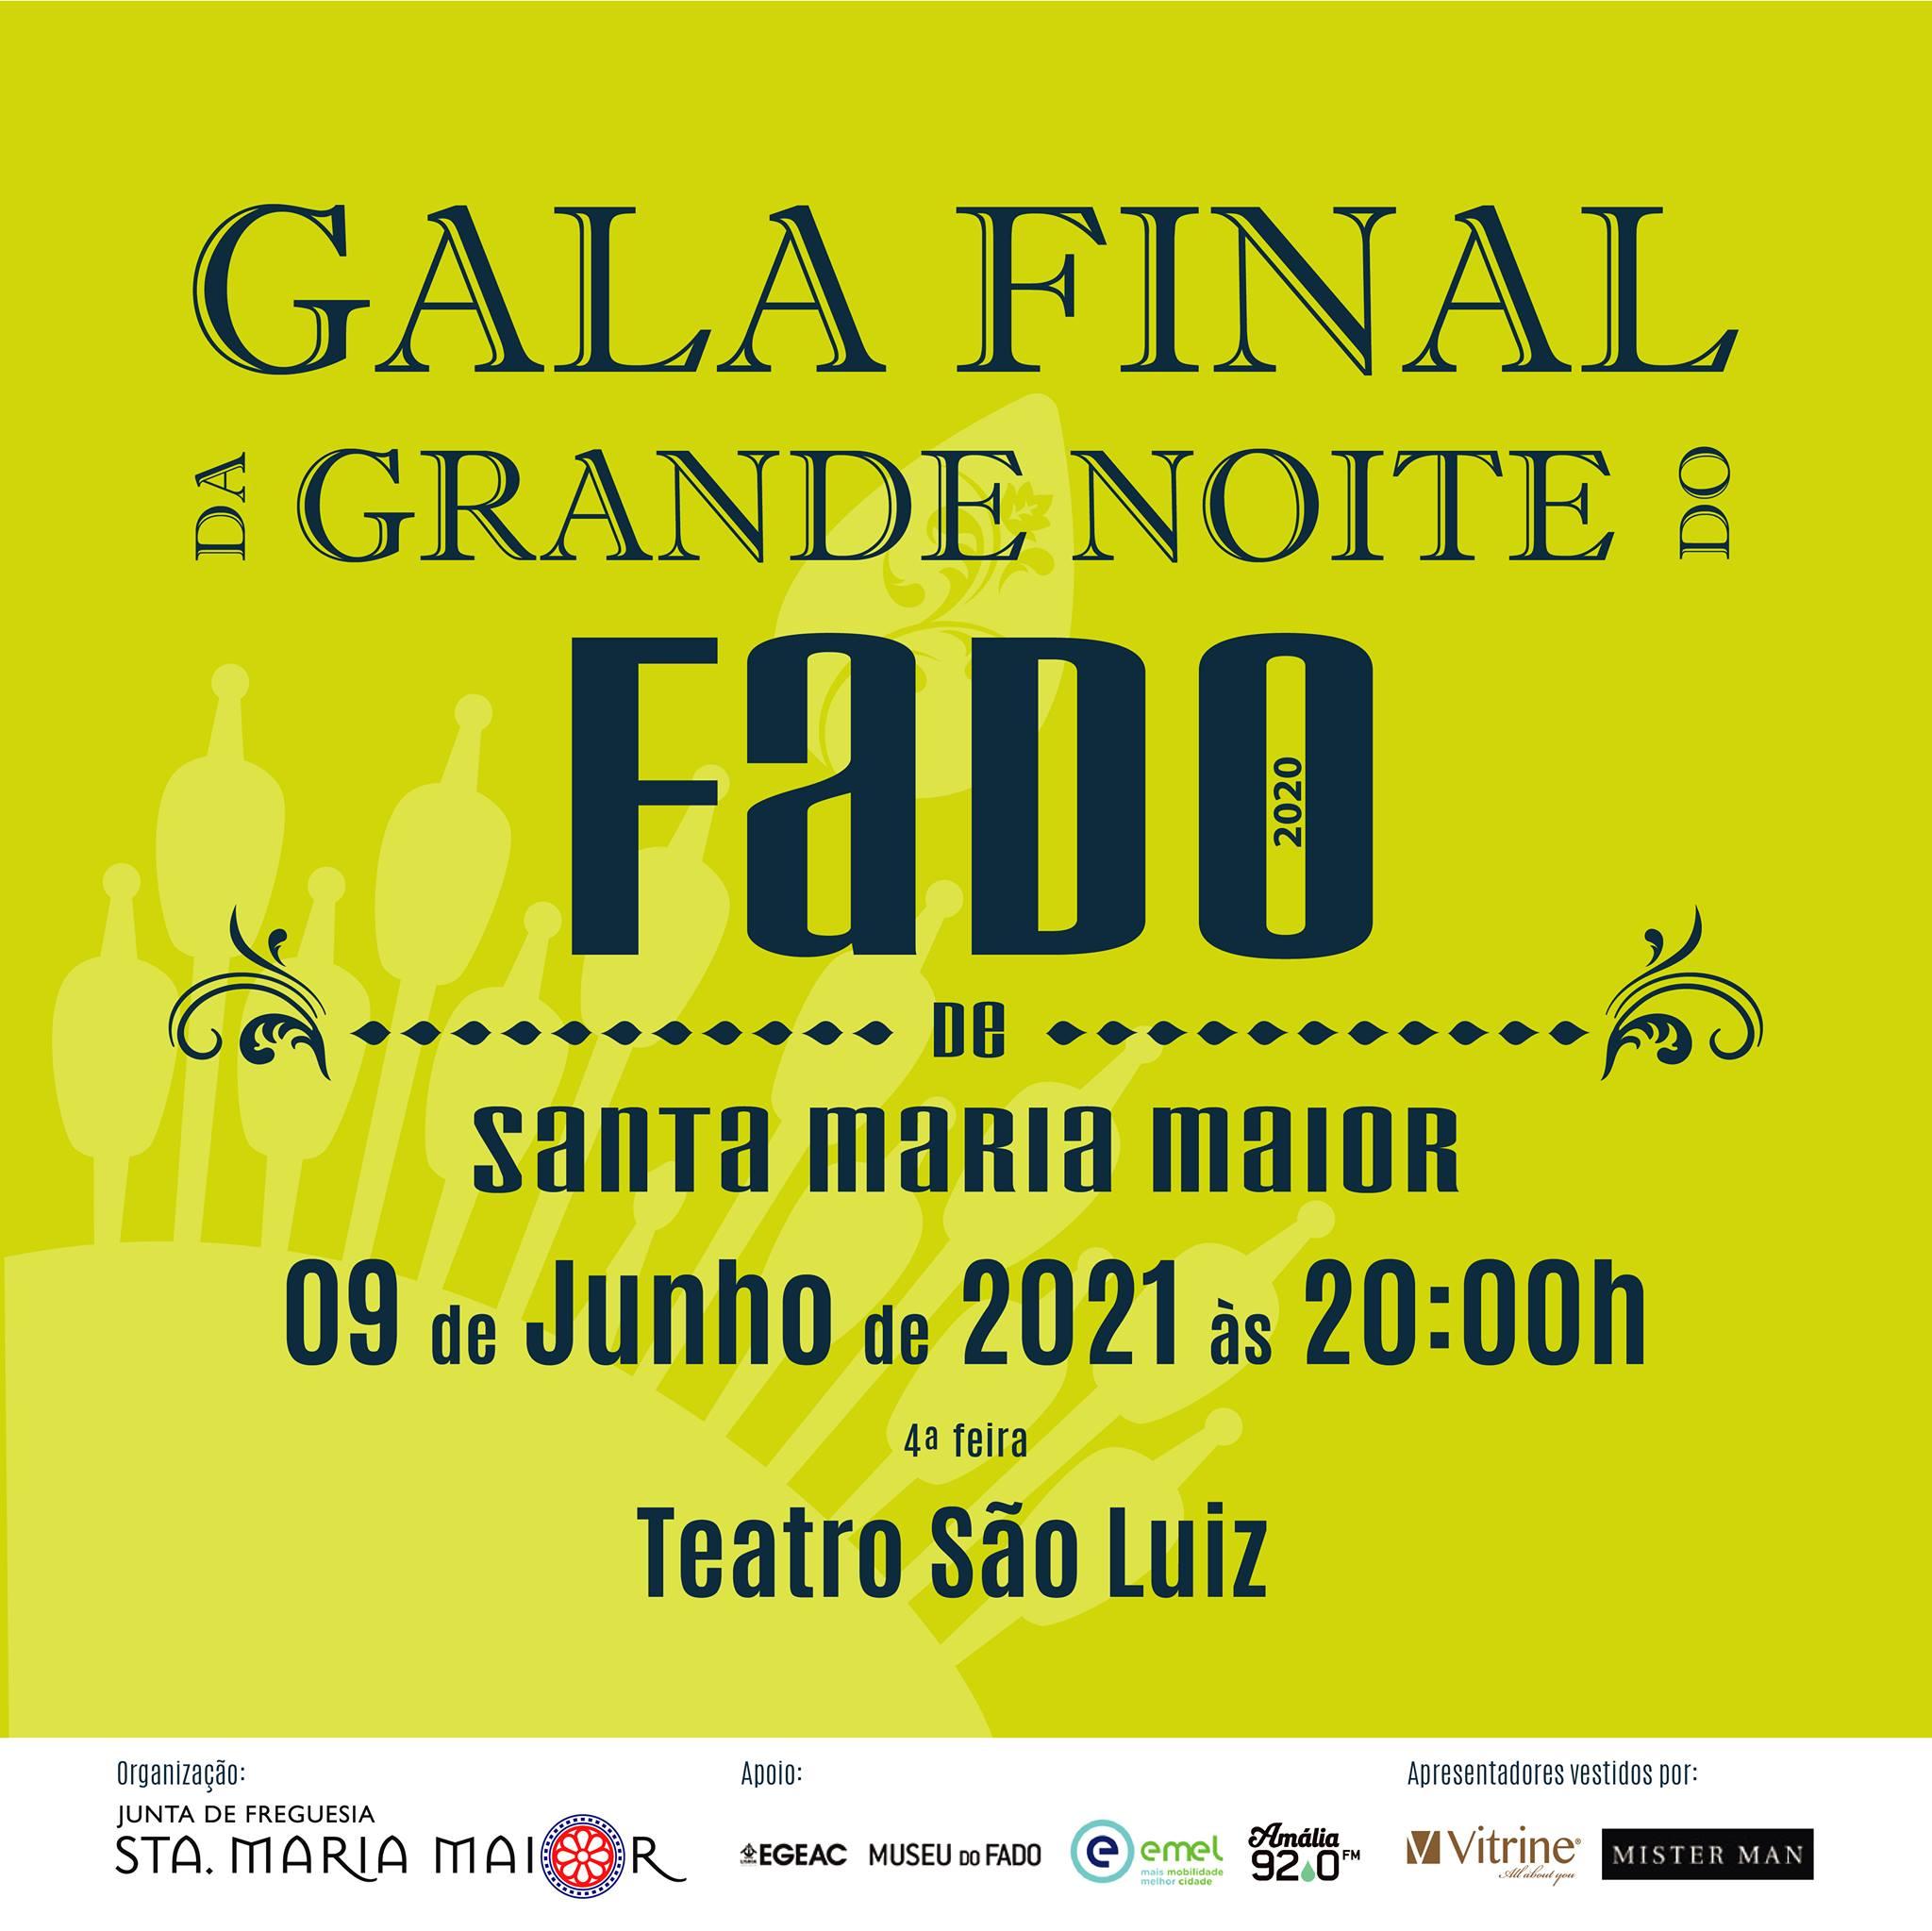 Gala Final | Grande Noite do Fado de Santa Maria Maior